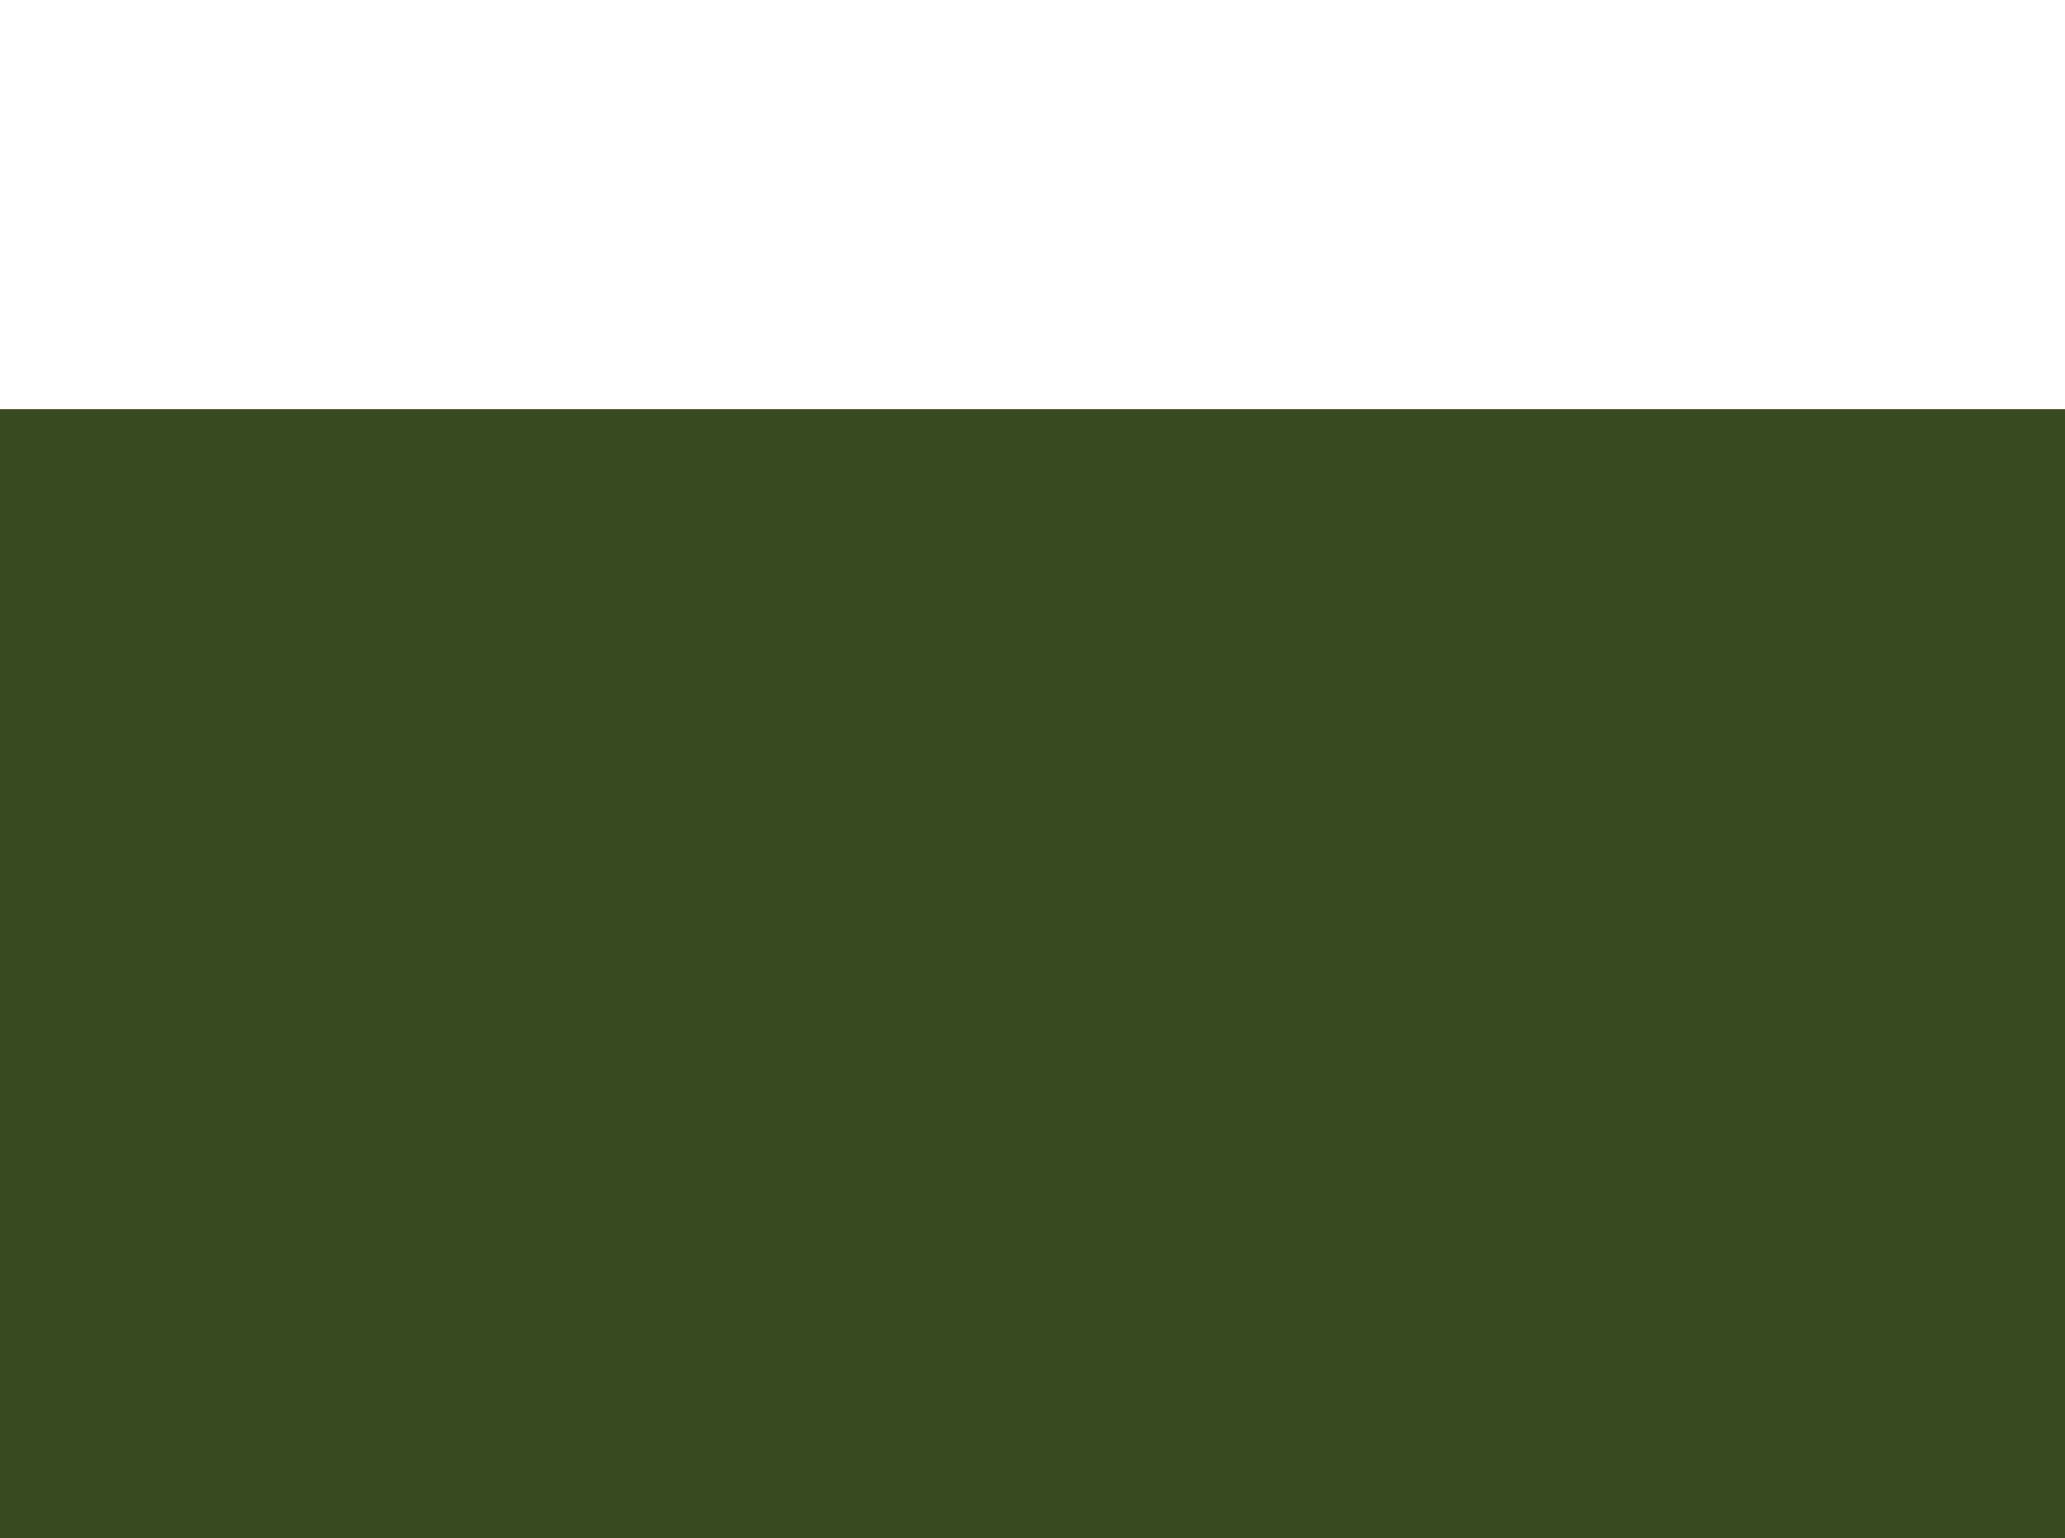 verde inchis cu alb